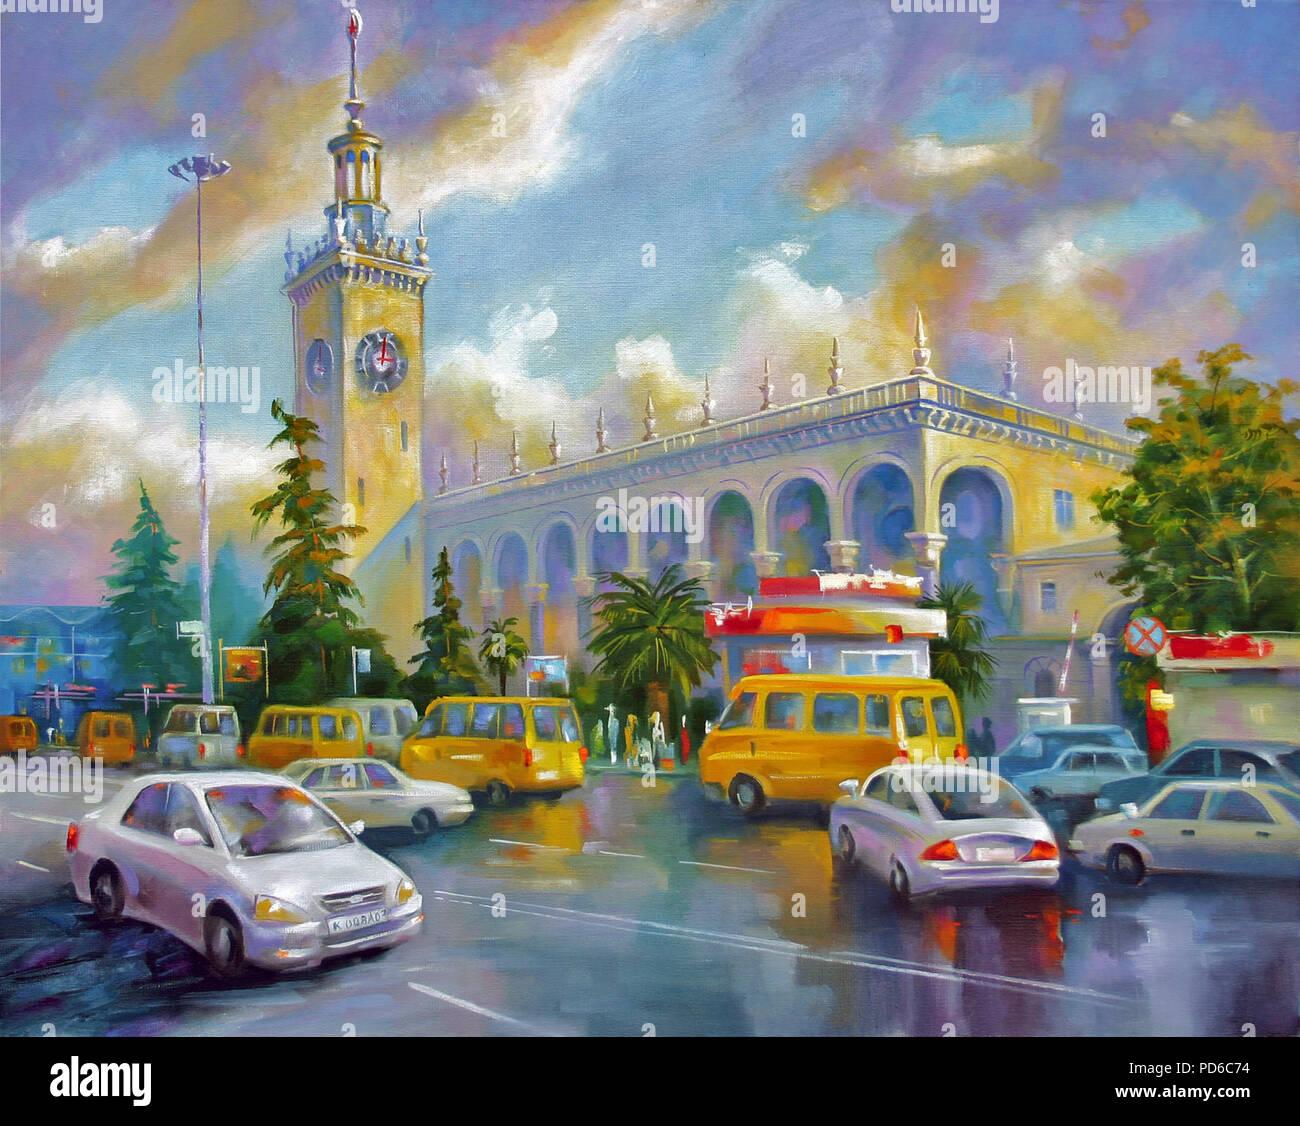 Un dipinto ad olio su tela. Sochi stazione ferroviaria, dopo la pioggia. Paesaggio architettonico della diletta città di Sochi. Autore: Nikolay Sivenkov. Immagini Stock